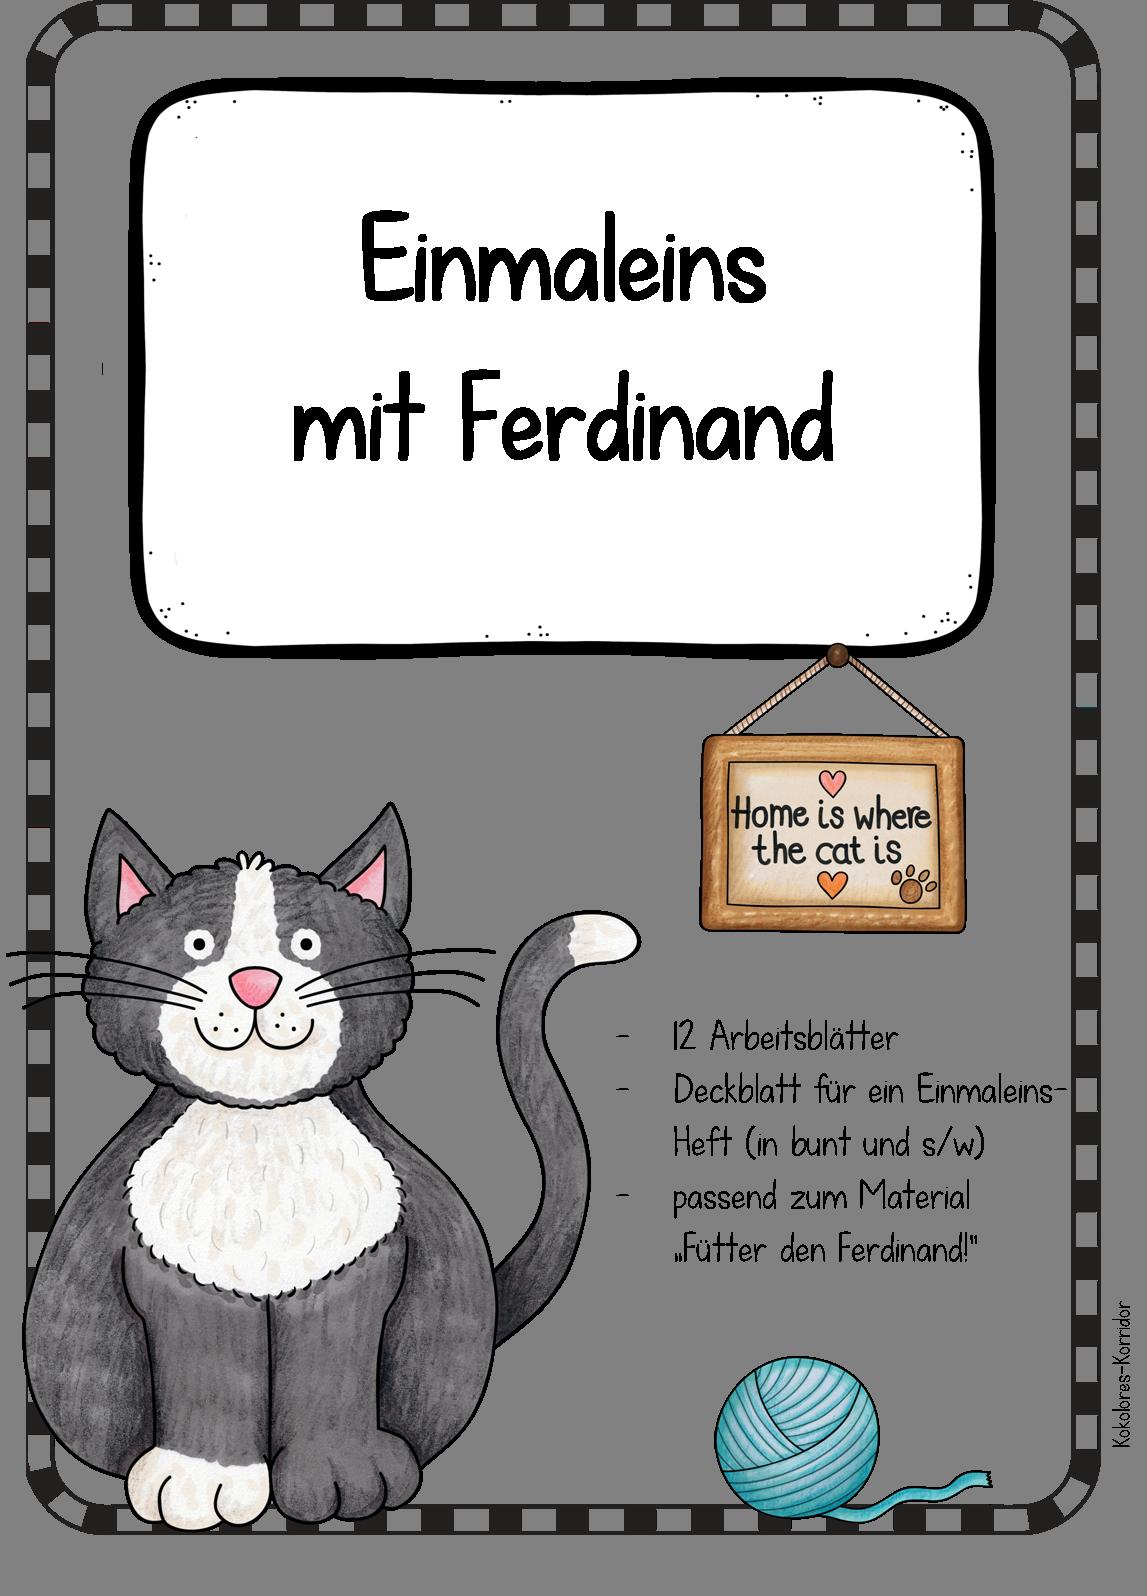 Arbeitsblätter mit Ferdinand - Einmaleins – Mathematik | Tipps ...